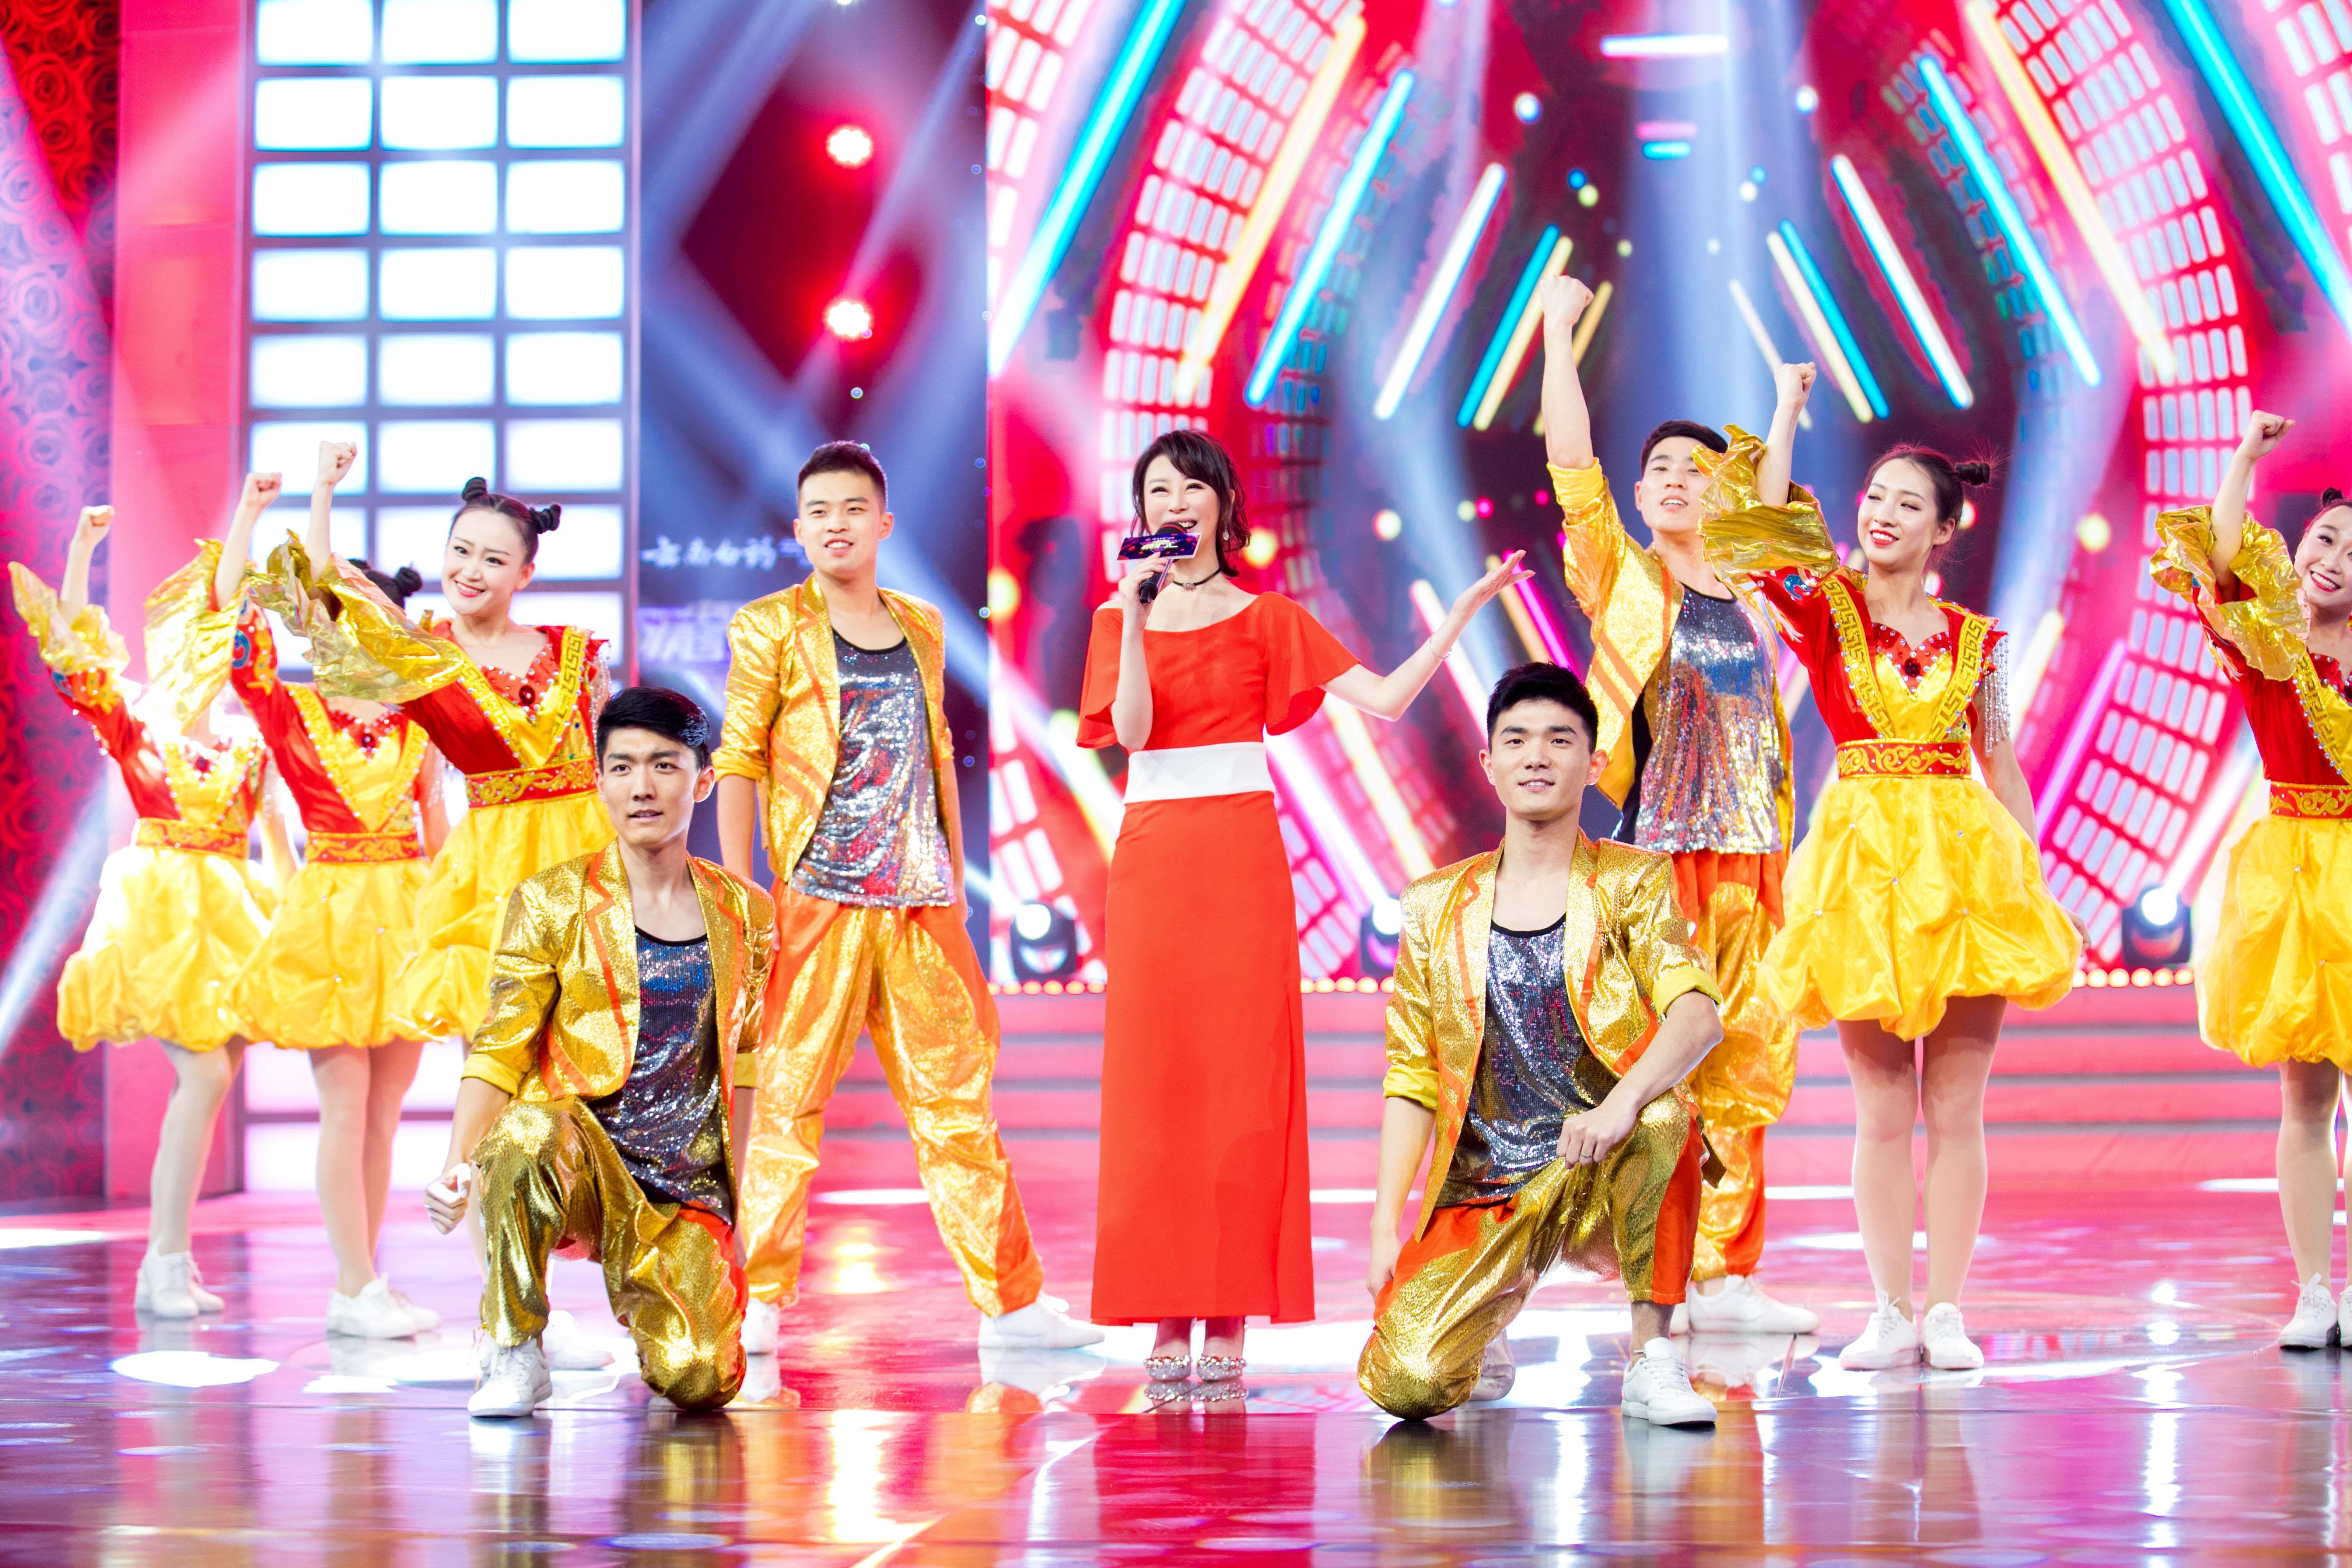 祖海《中国情歌汇》献唱remix版《好运来3.0》